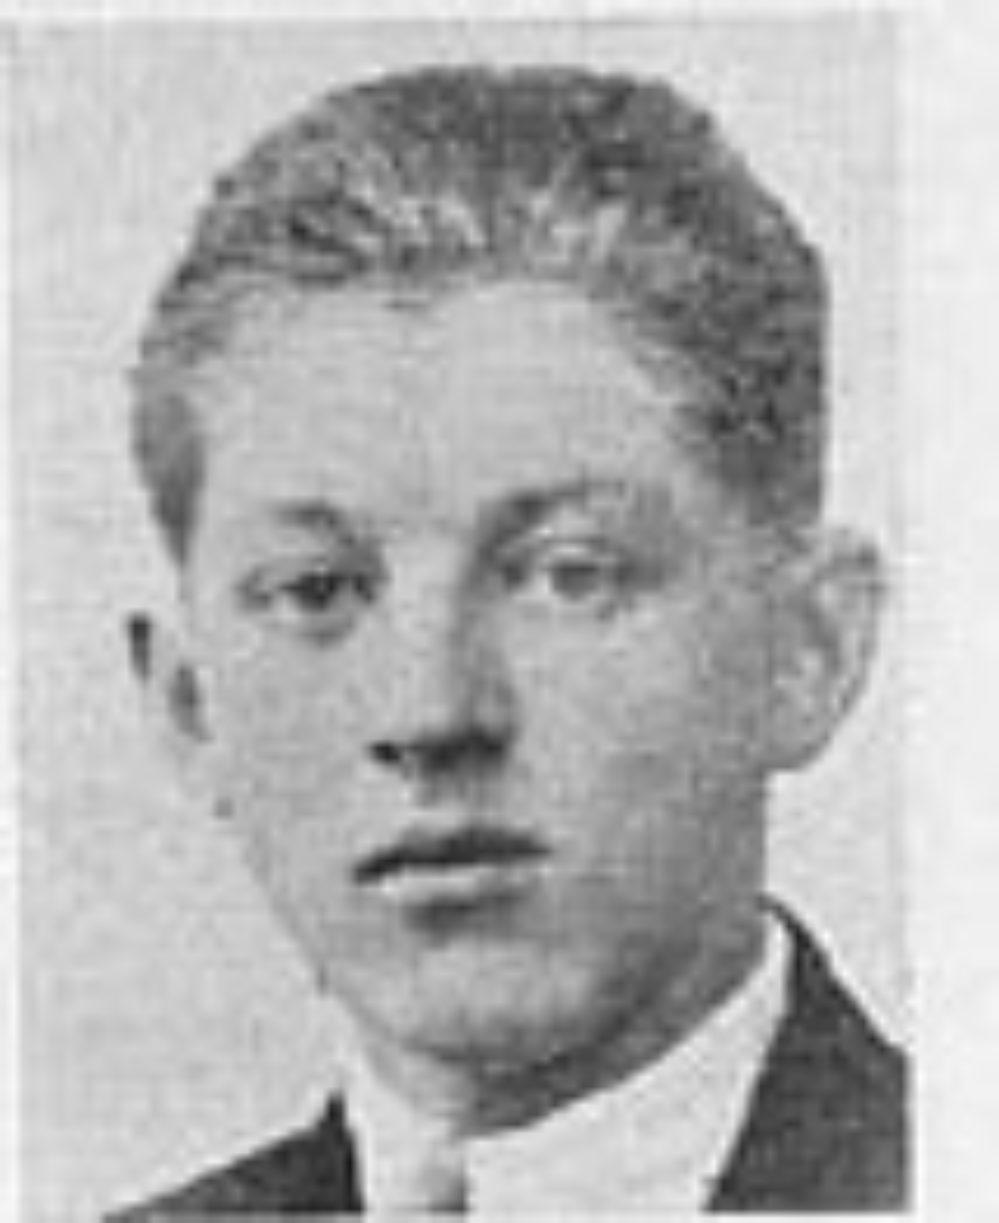 Arnold Emil Samuelsen